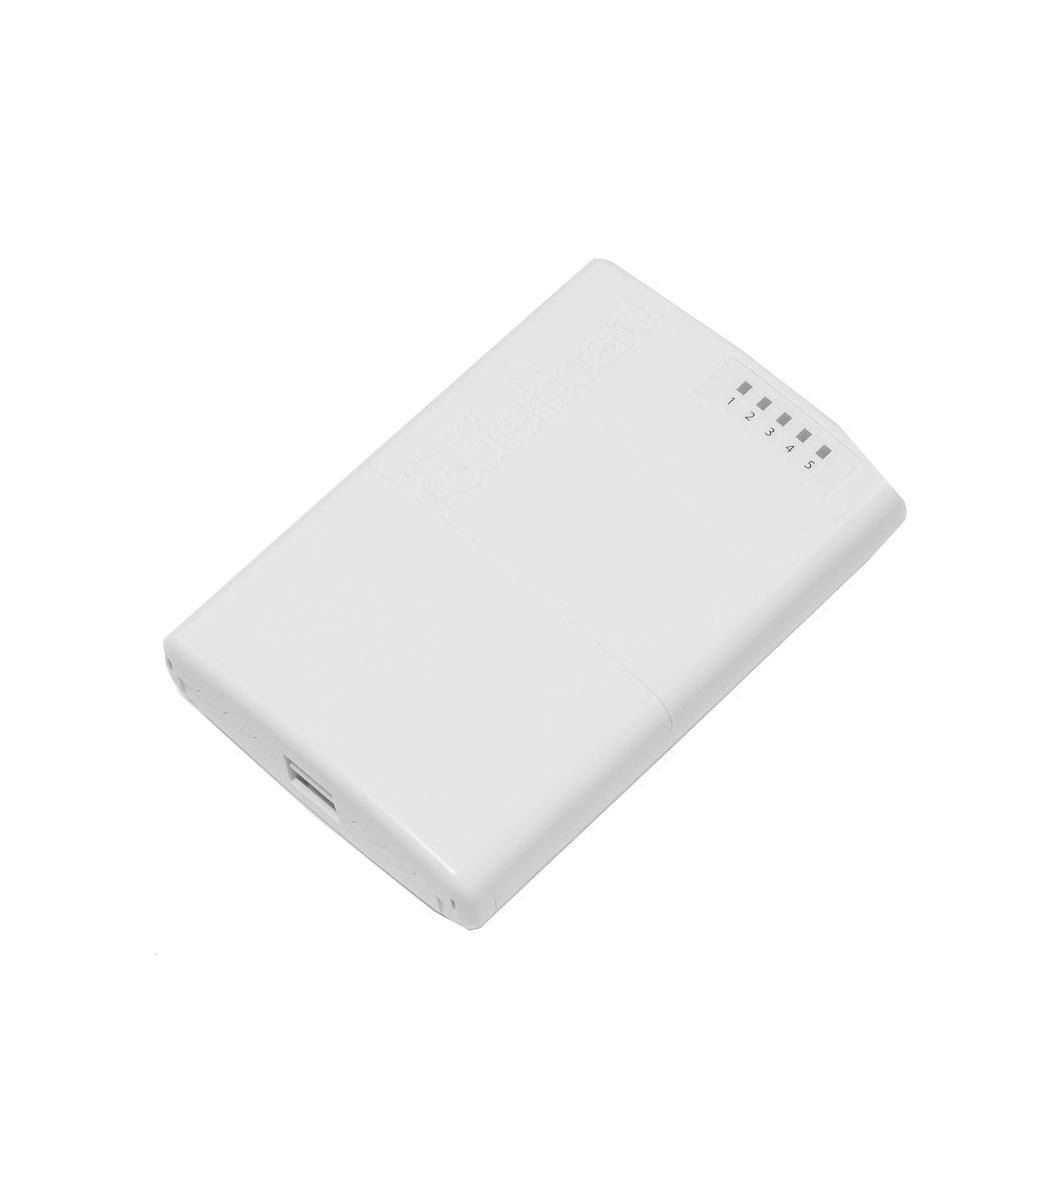 MikroTik PowerBox (RB750P-PB)